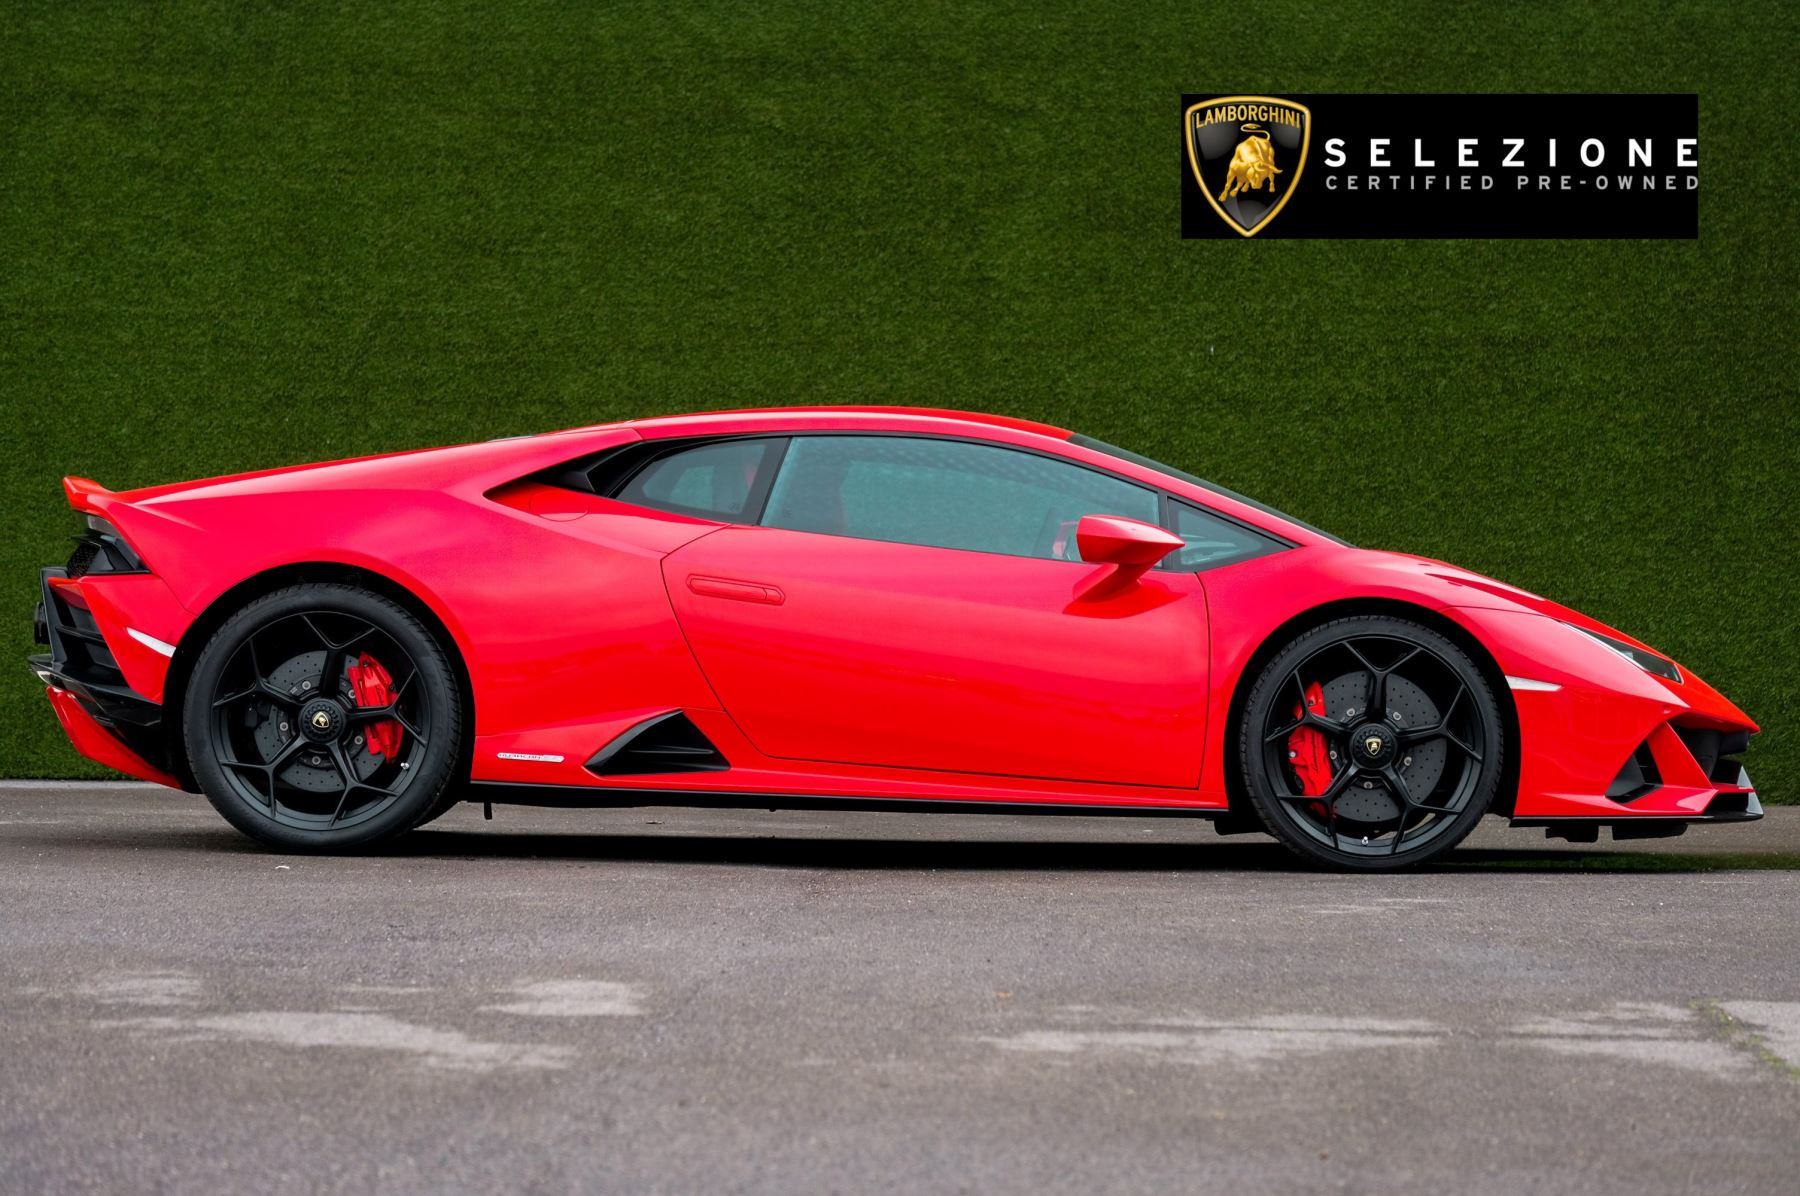 Lamborghini Huracan 5.2 V10 640 2dr Auto AWD image 2